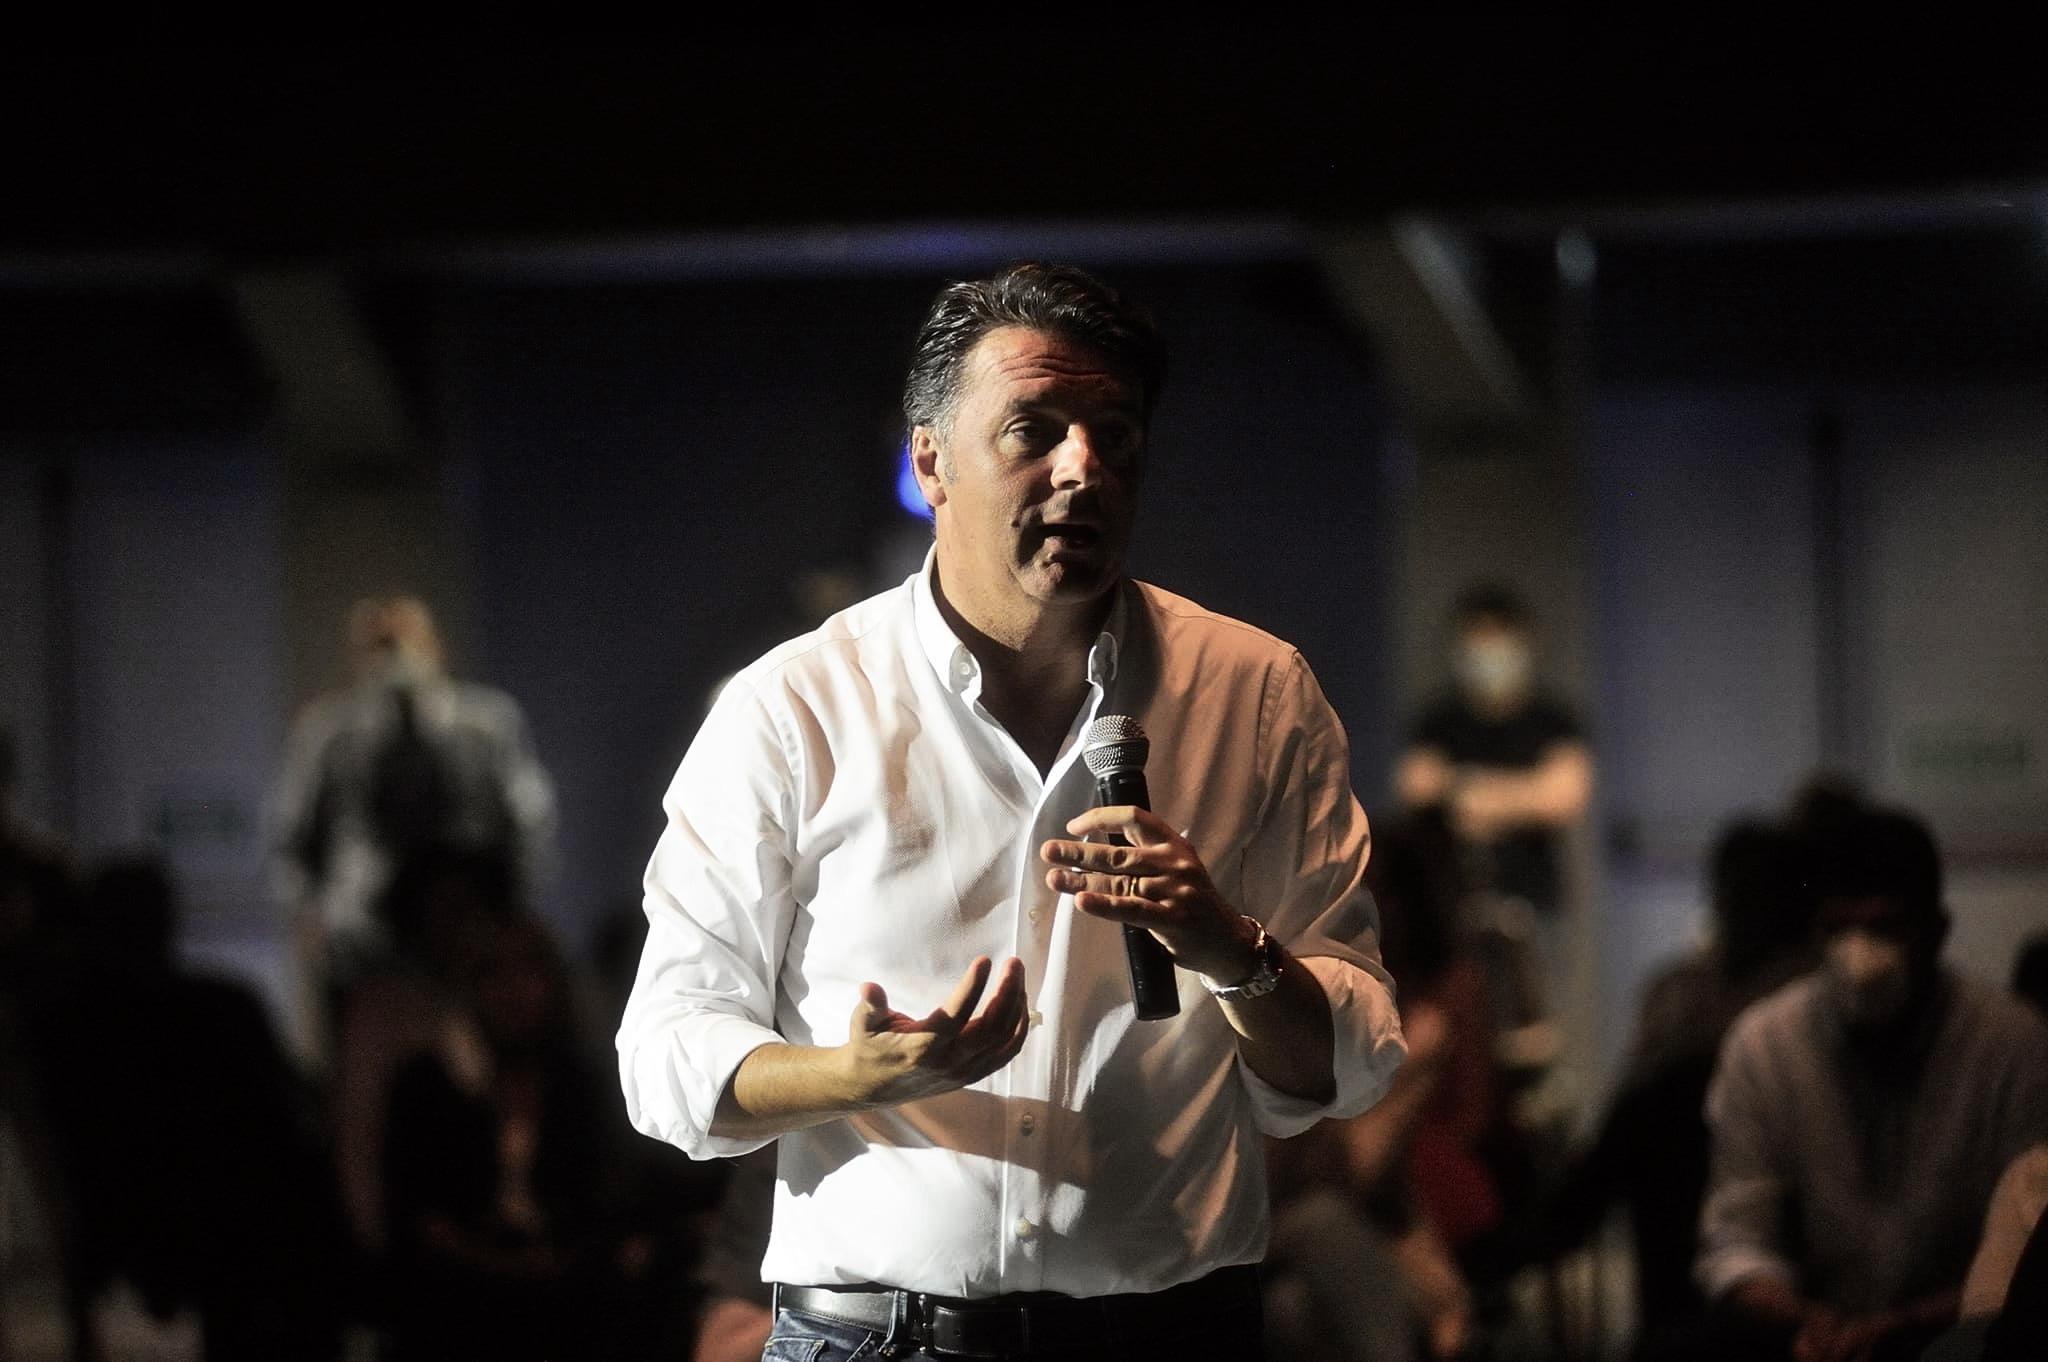 Il disperato tentativo di Renzi di sembrare rilevante